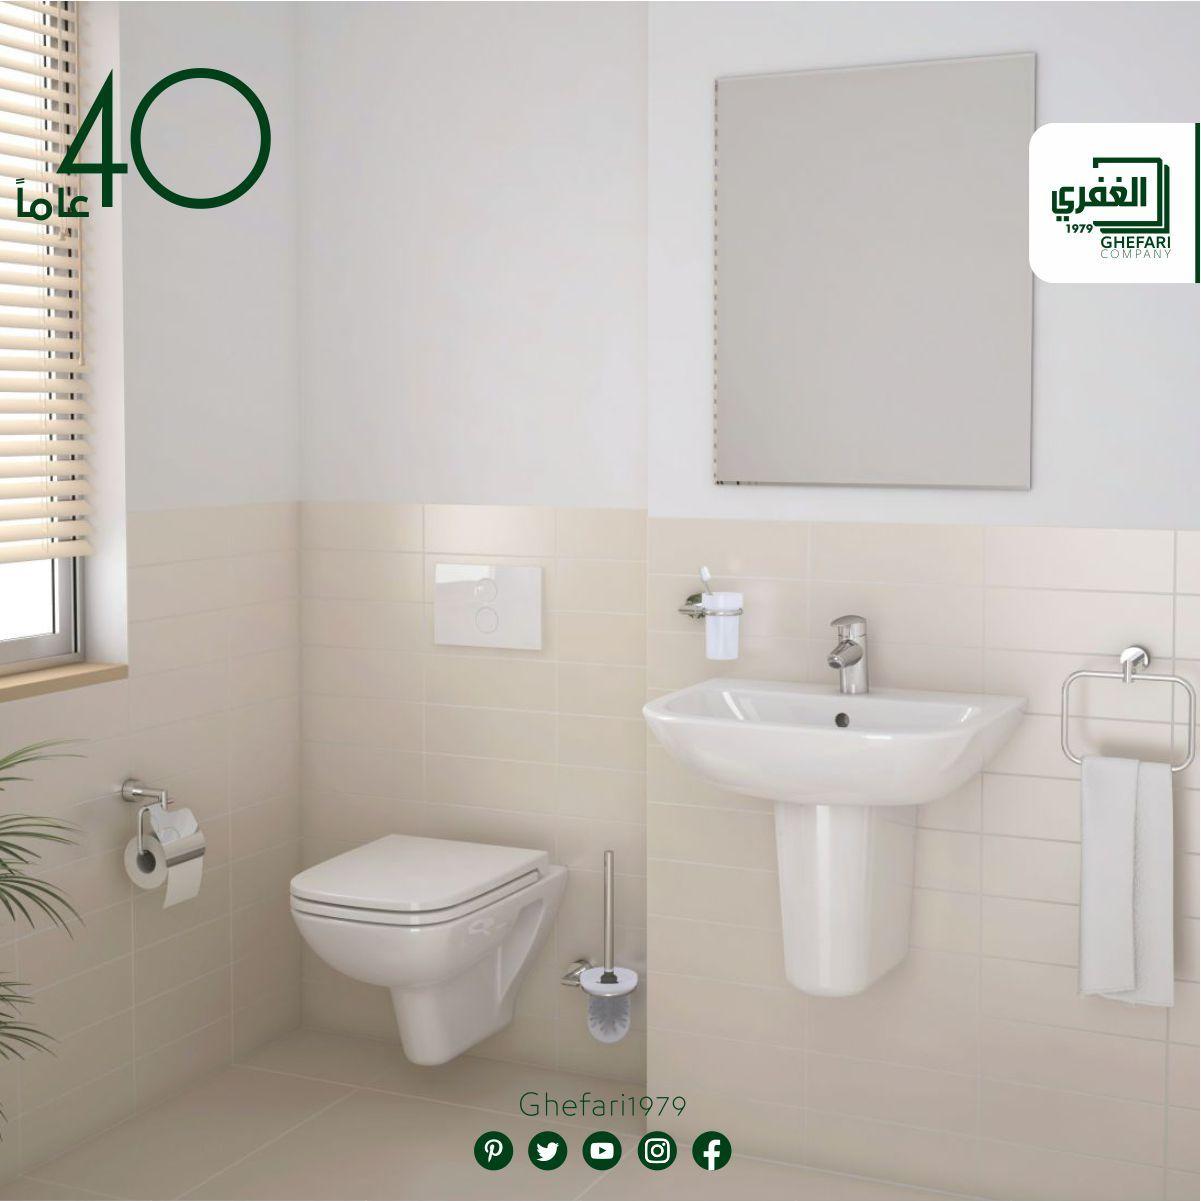 من شركة Vitra التركية إليك سيدتي مغسلة بعدة مقاسات 60 55 50 سم رجل مغسلة معلقة عادي كرسي معلق غطاء ثقيل وم Instagram Posts Toilet Bathroom